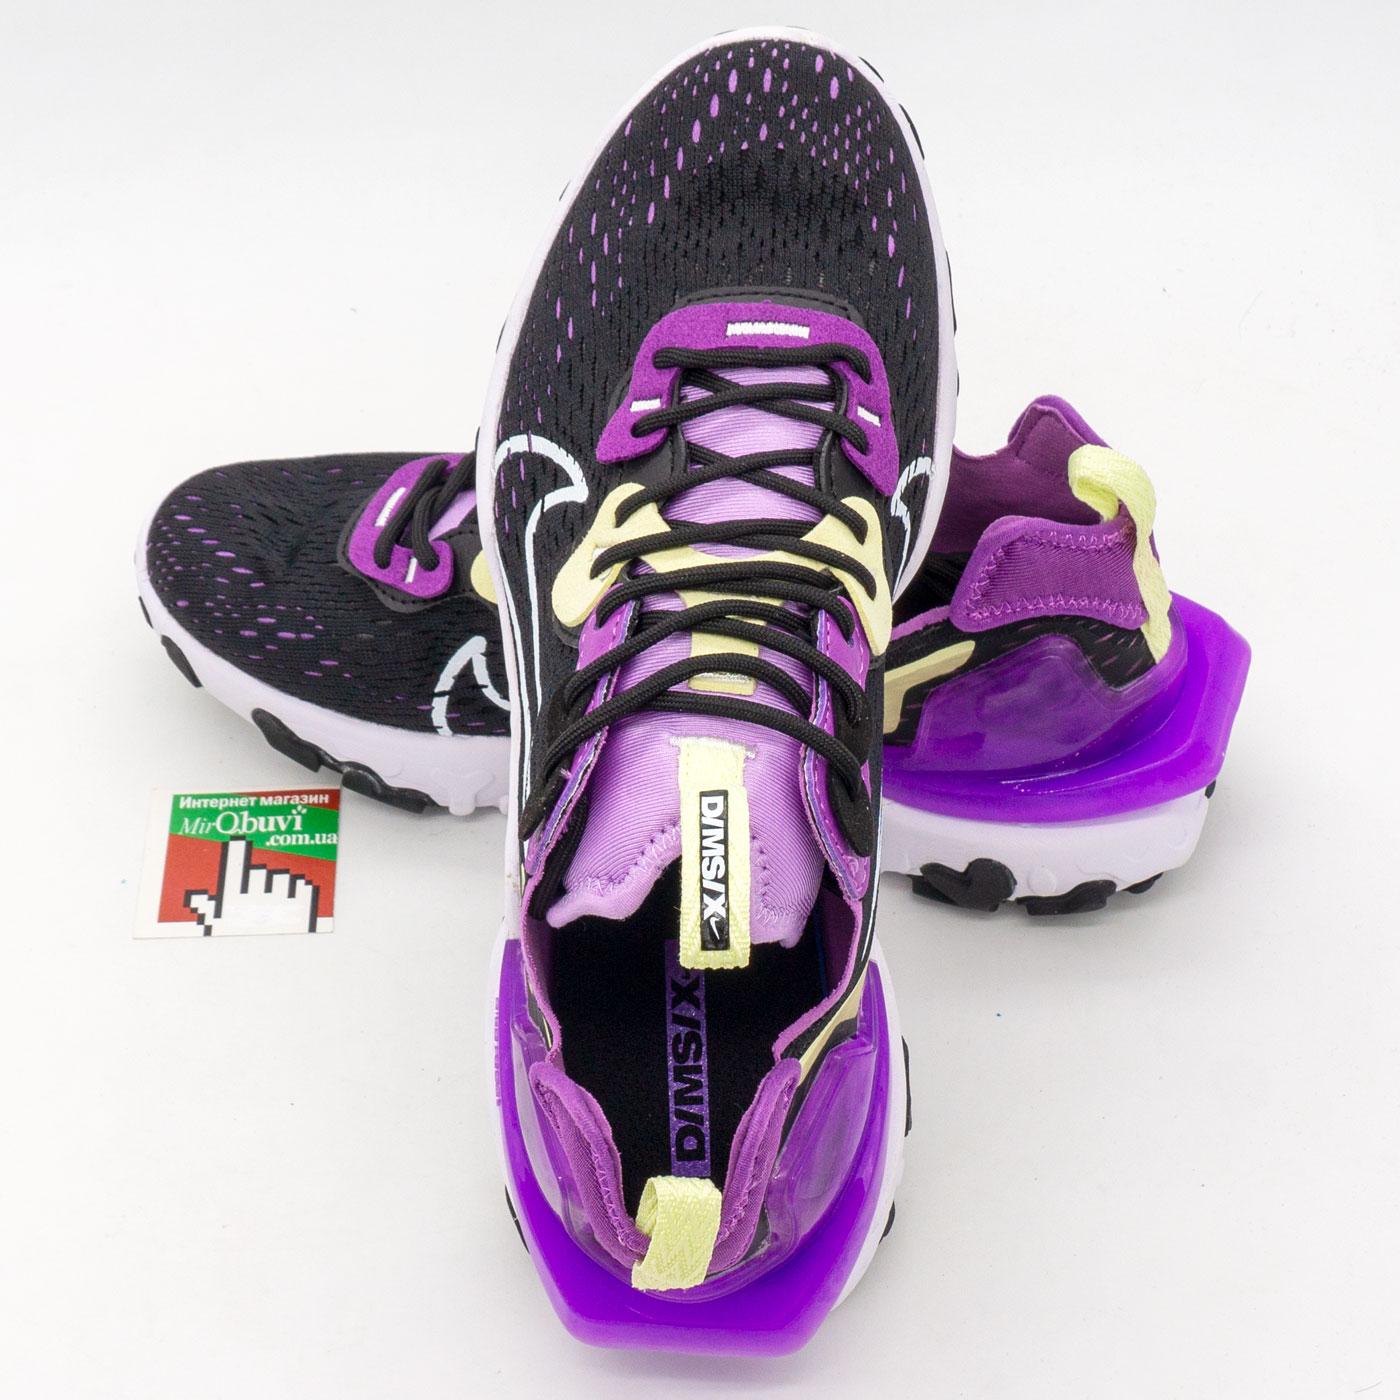 фото back Женские кроссовки Nike React Vision DimSix черные с фиолетовым. Топ качество! back